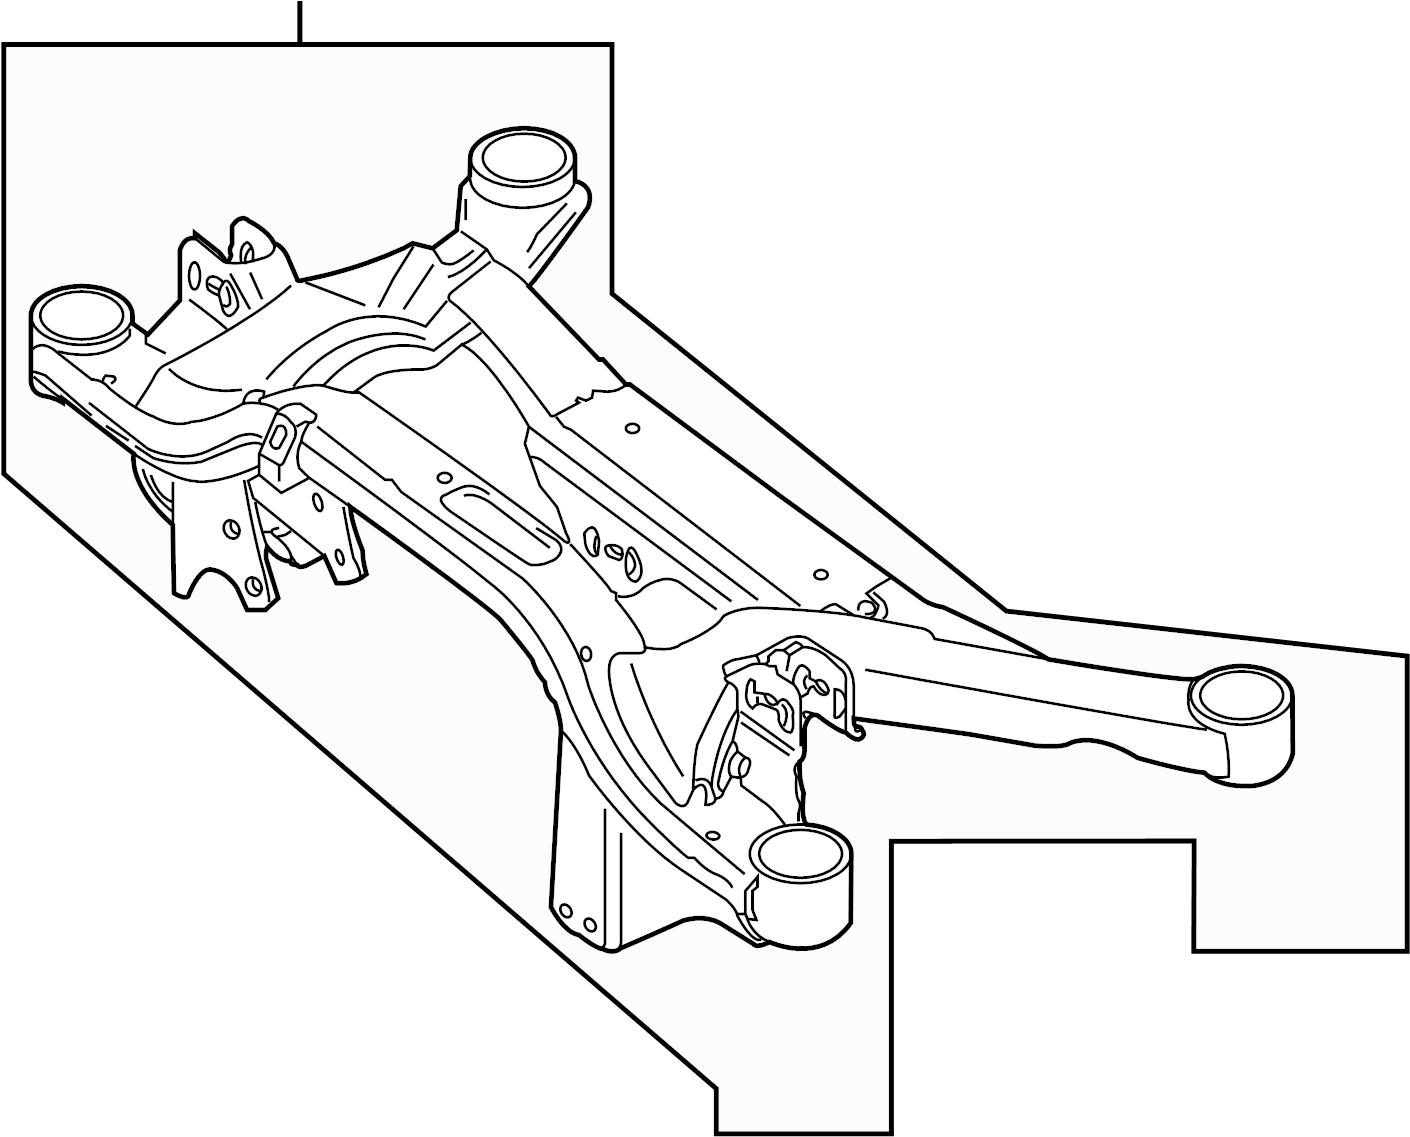 Volkswagen Tiguan Suspension Crossmember C Mbr